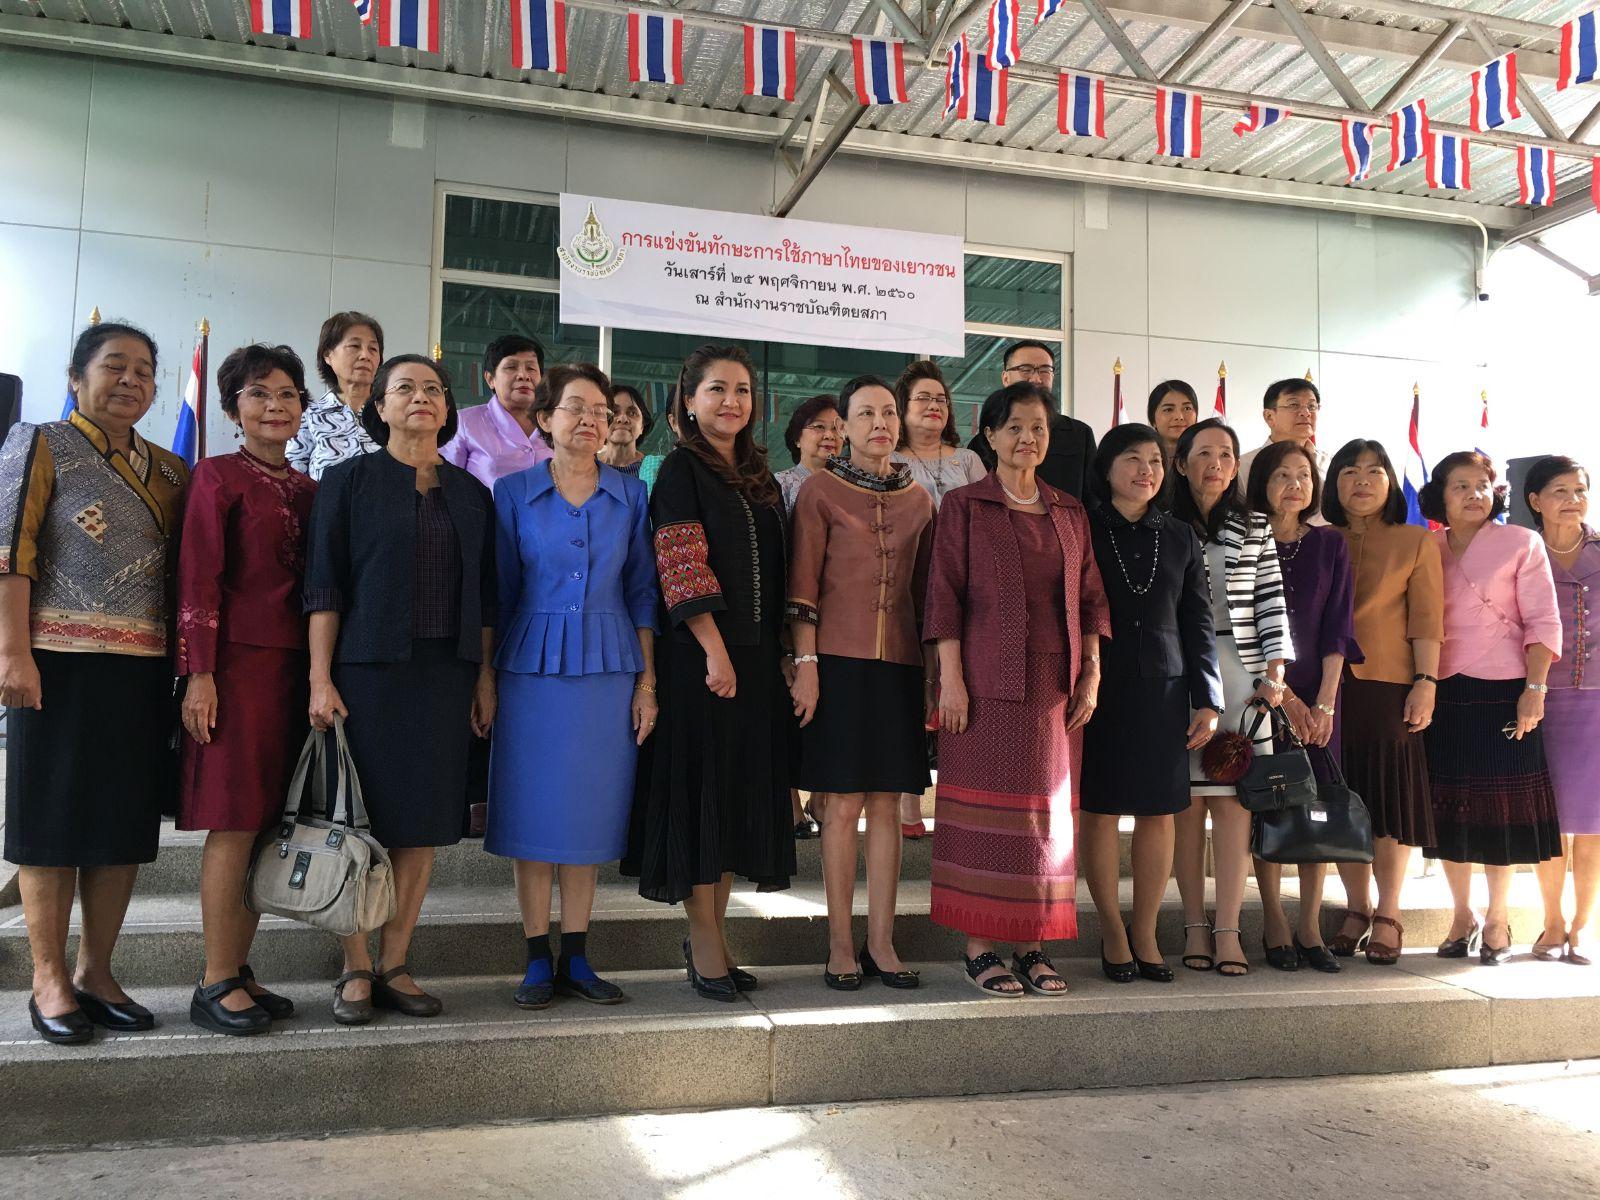 การแข่งขันทักษะการใช้ภาษาไทยของเยาวชน